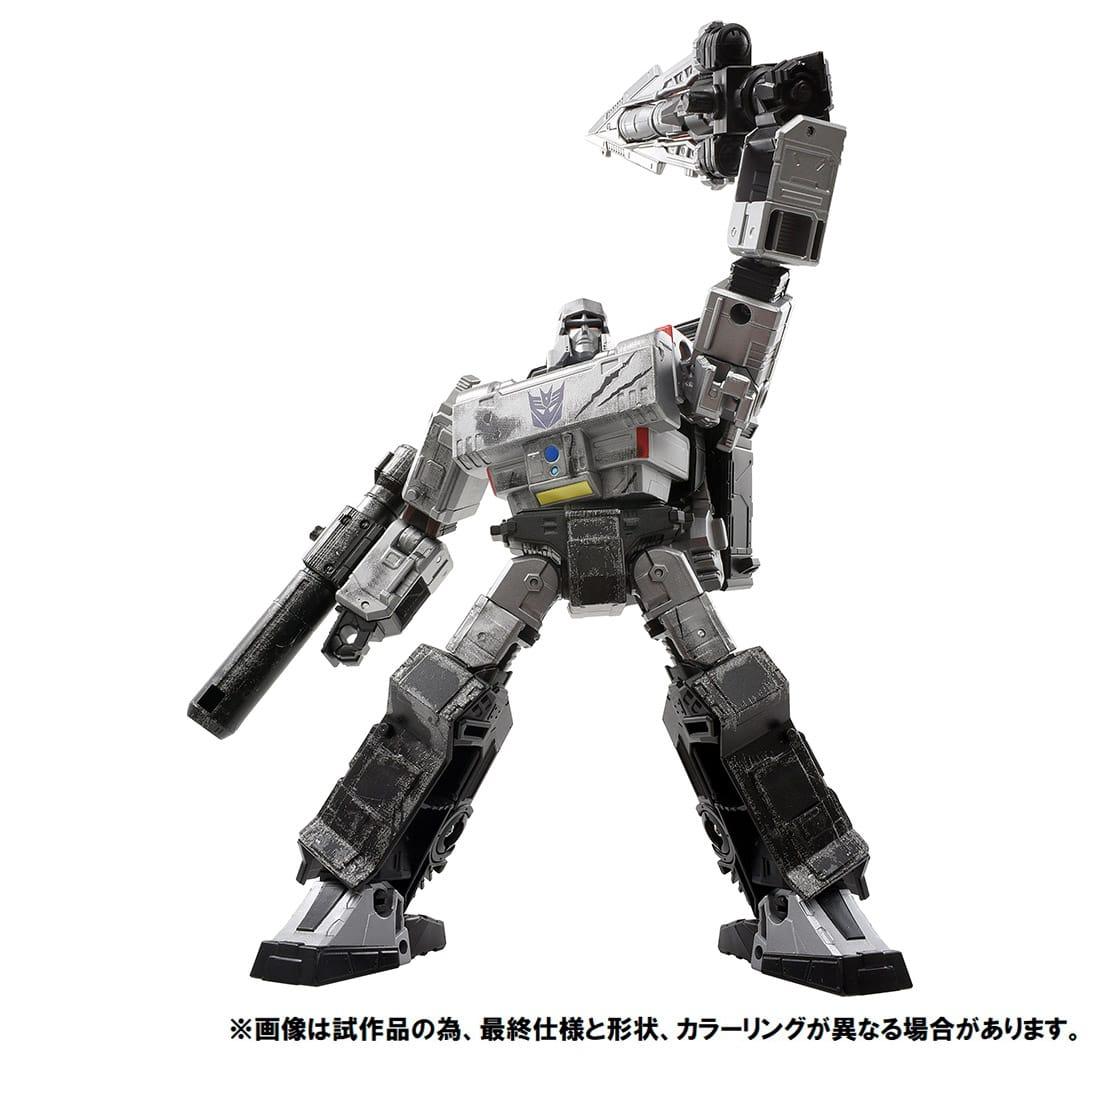 トランスフォーマー プレミアムフィニッシュ『PF WFC-02 メガトロン』可変可動フィギュア-007